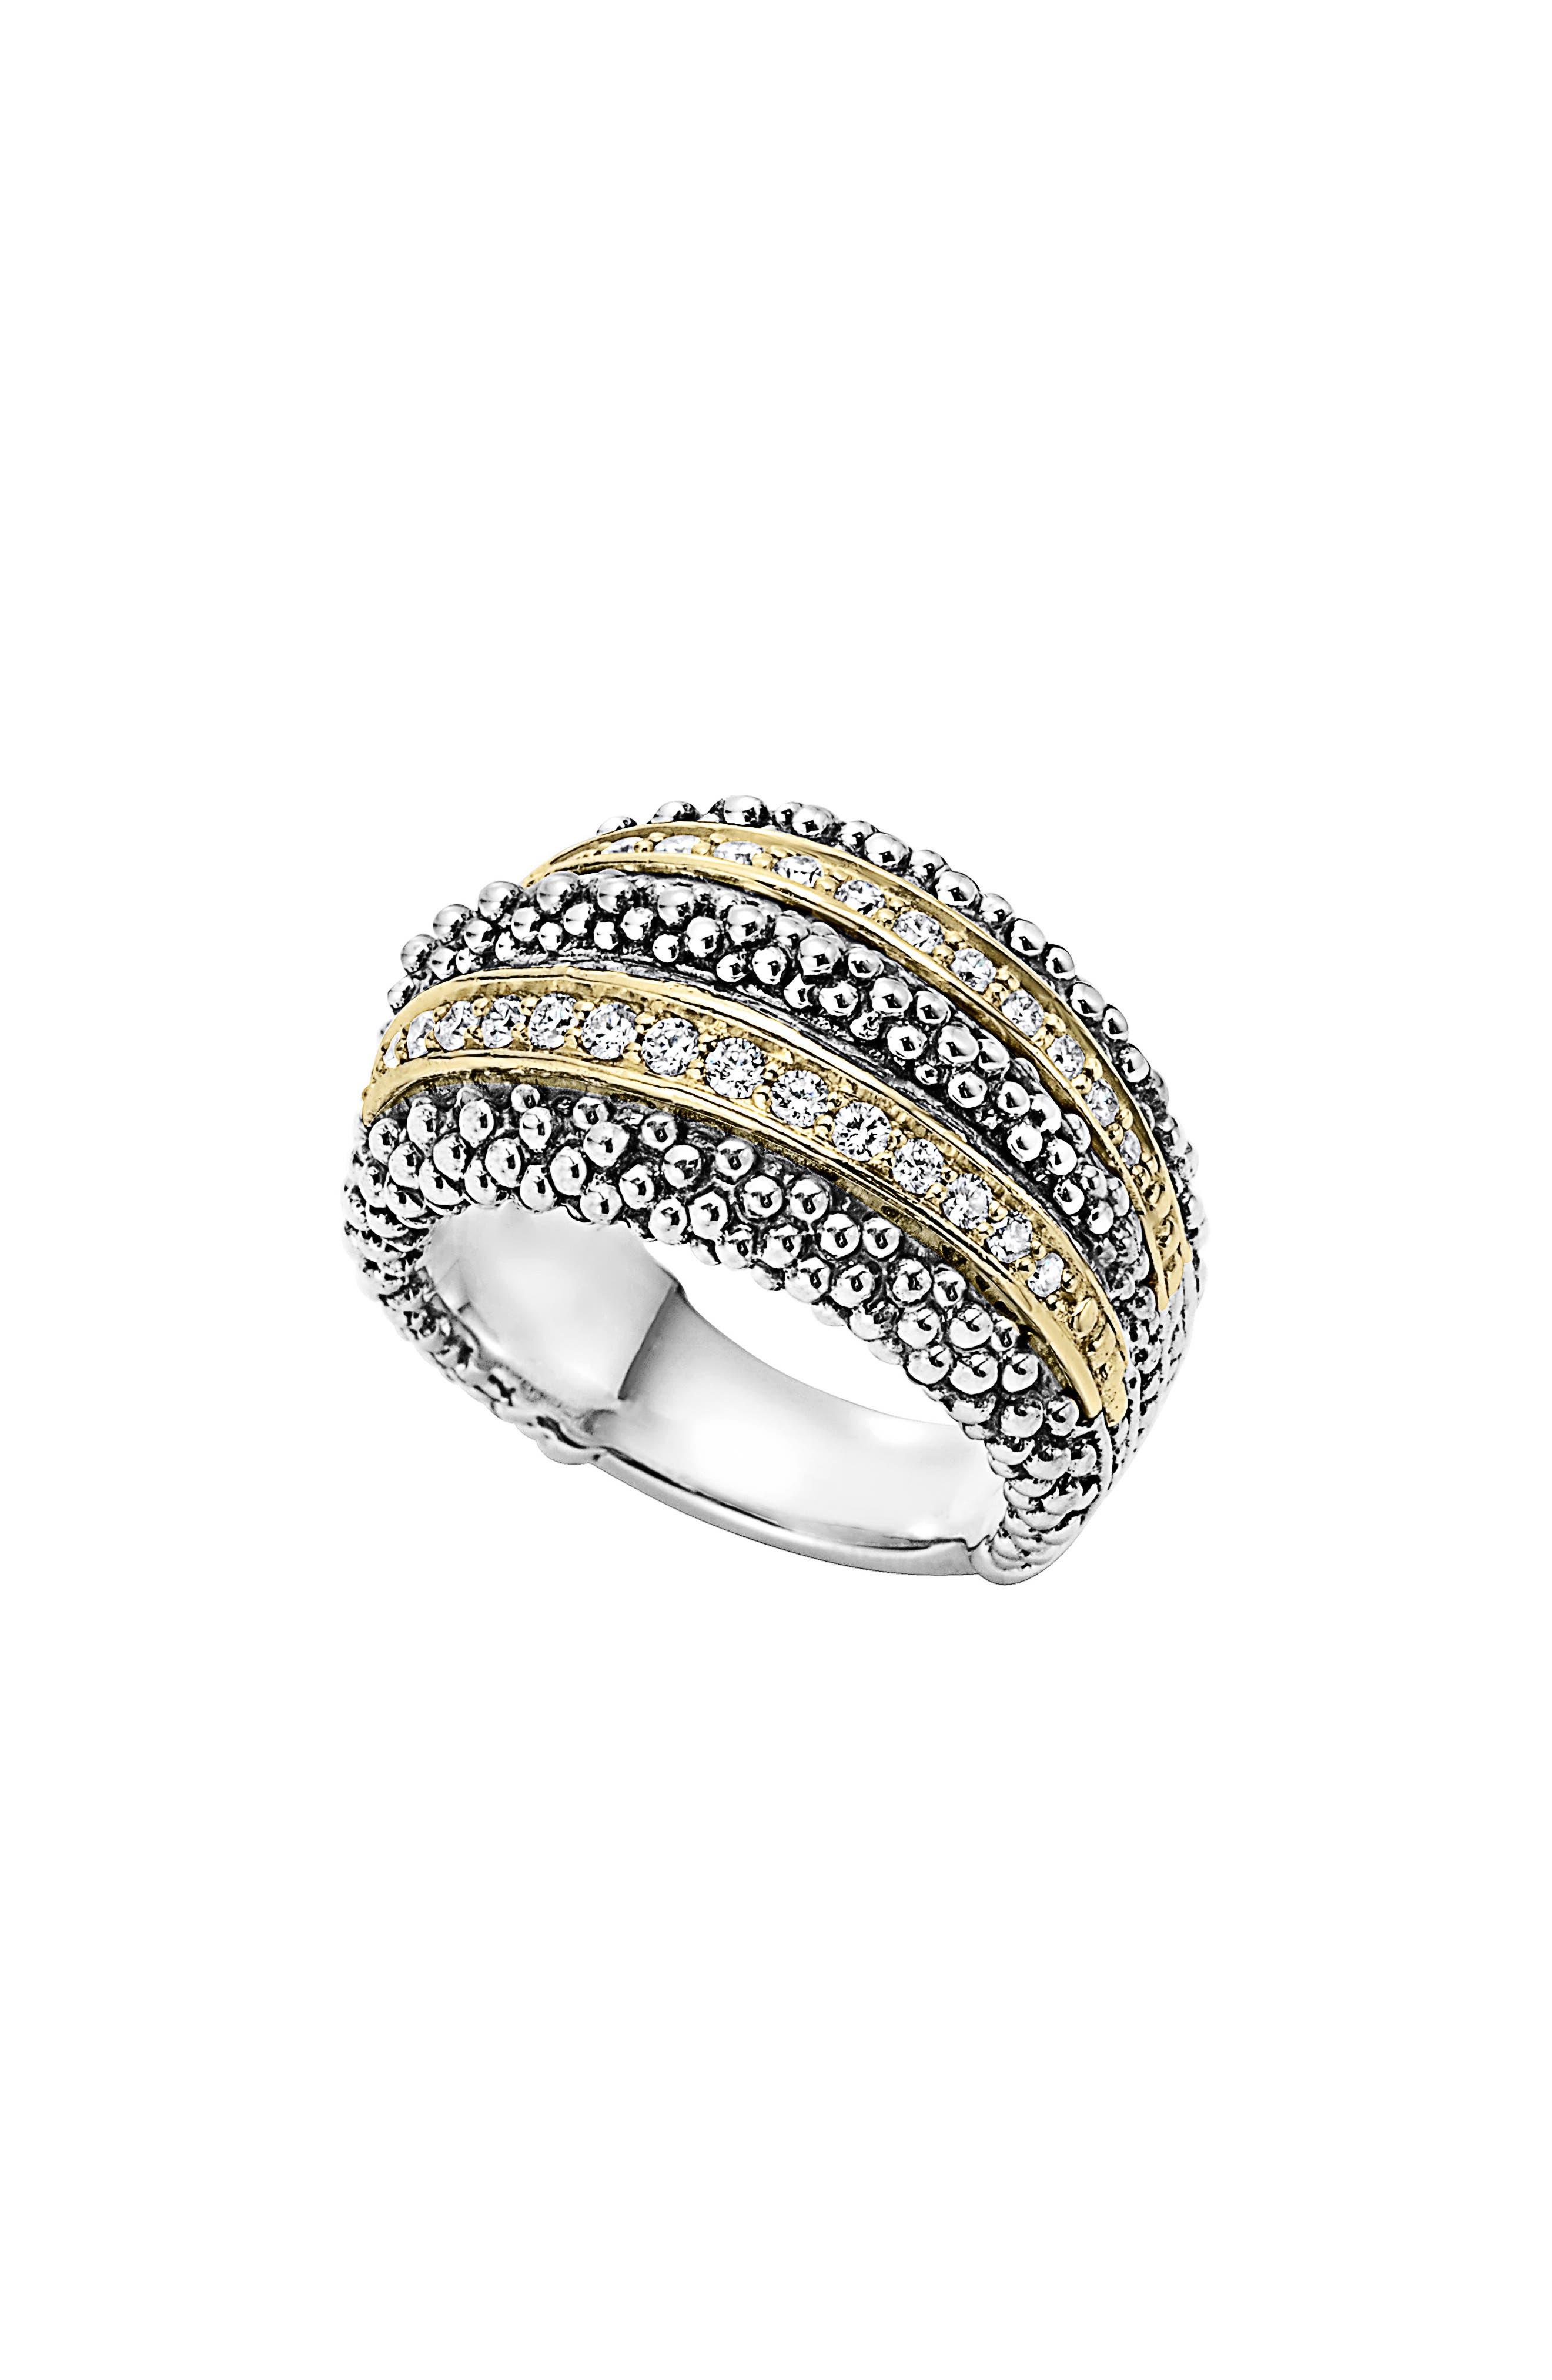 Main Image - LAGOS Diamond Caviar Beaded Ring